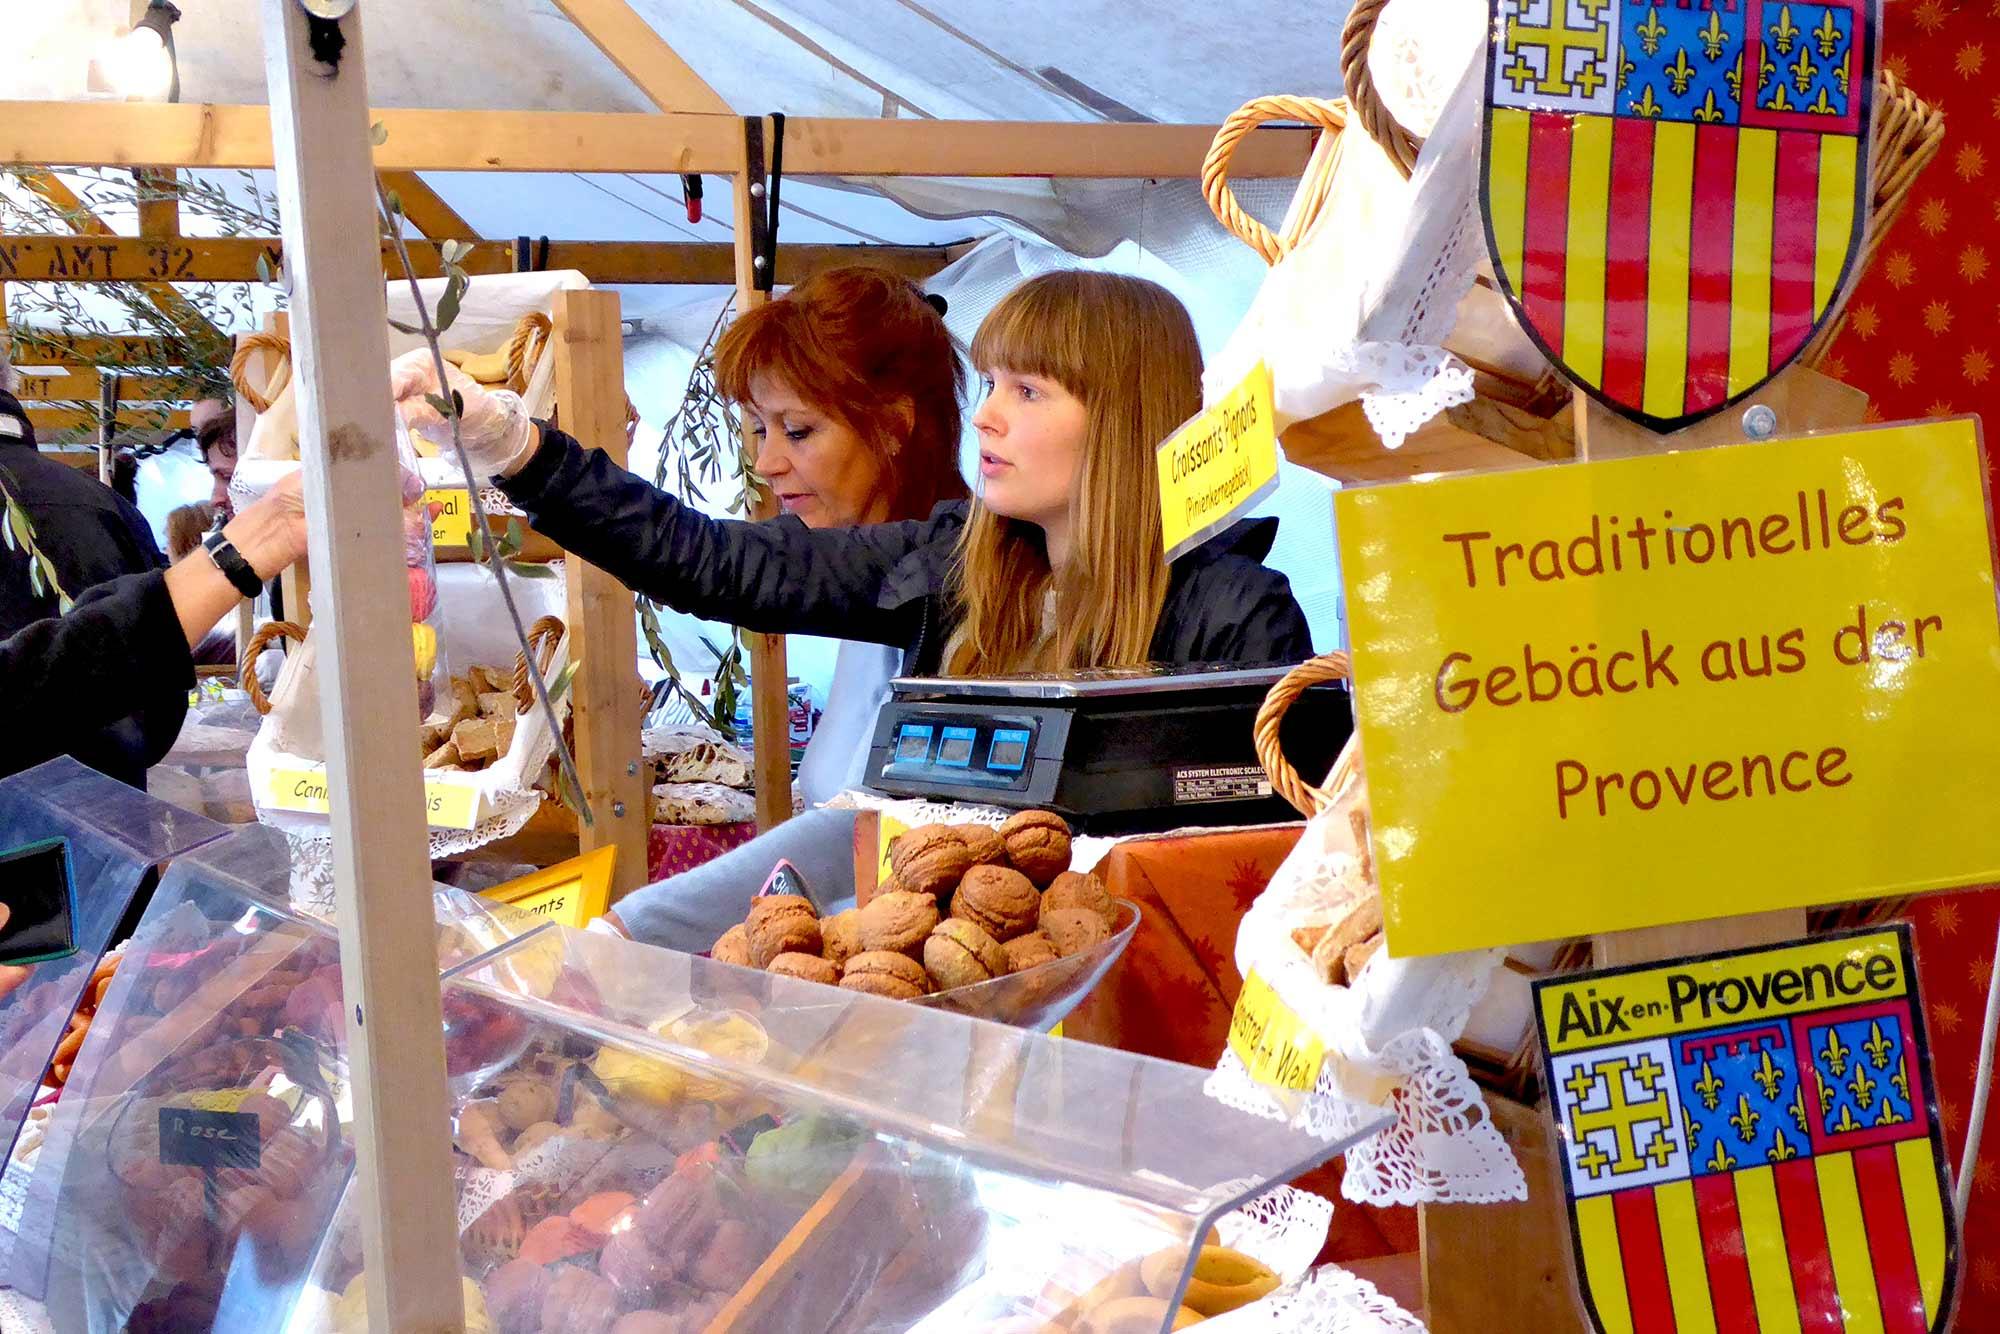 Umbrisch provenzalischer Markt_3